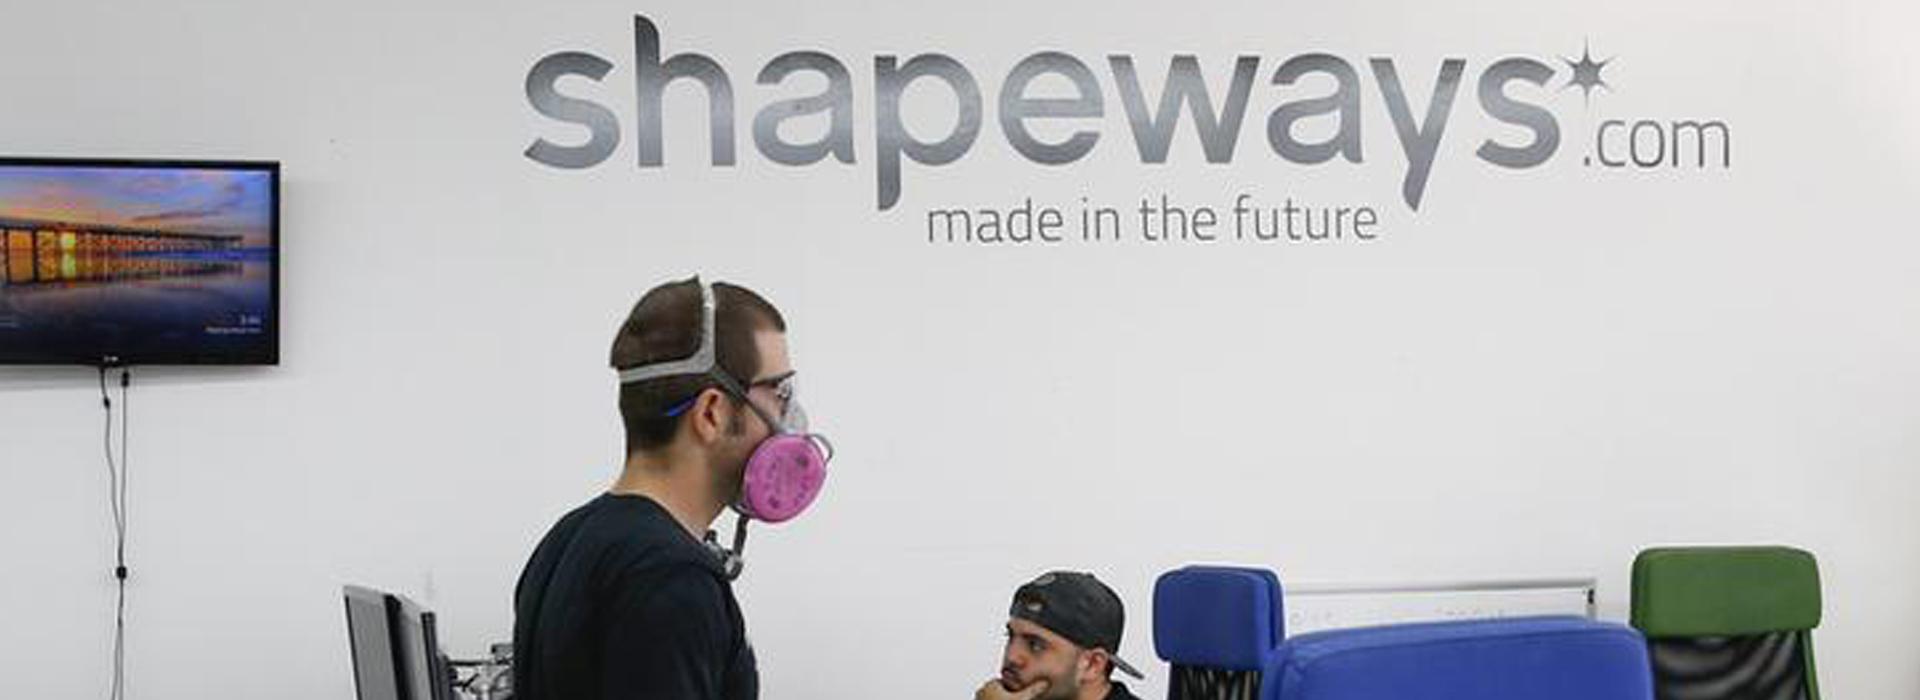 串起整個產業鏈,推動創意產業發展—Shapeways 進化代工一條龍掌握社群思惟